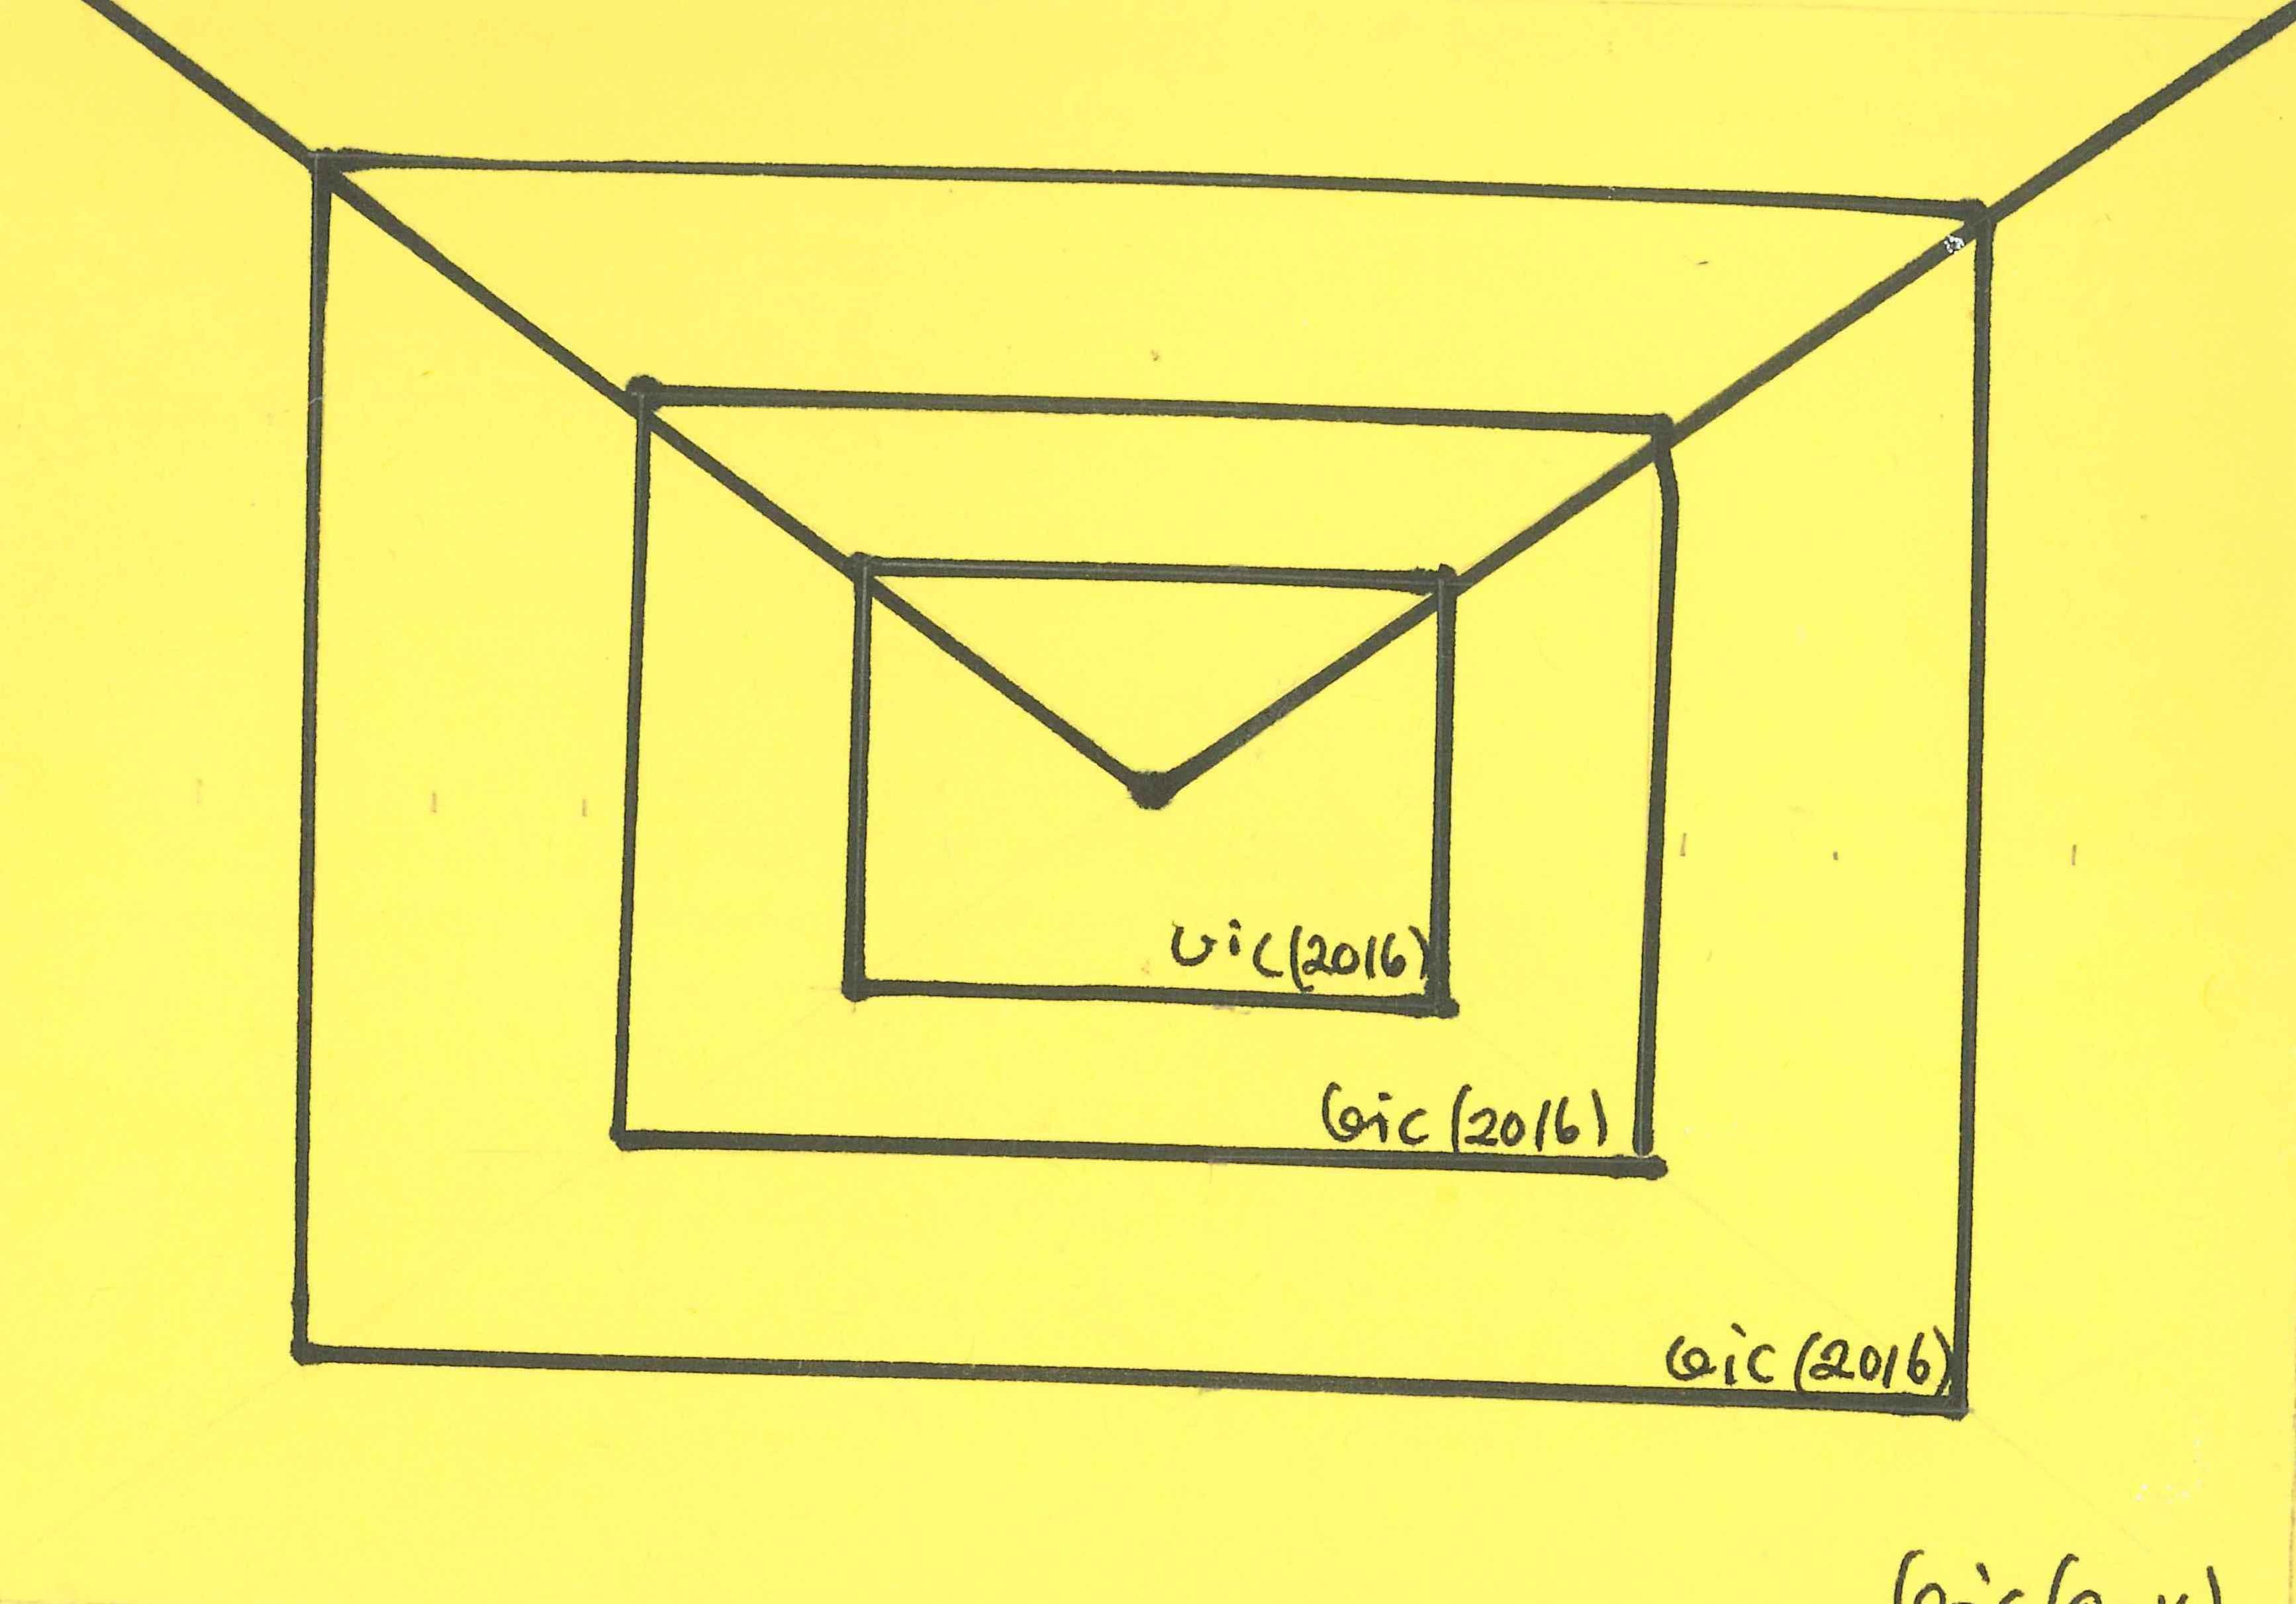 (frente do postal)